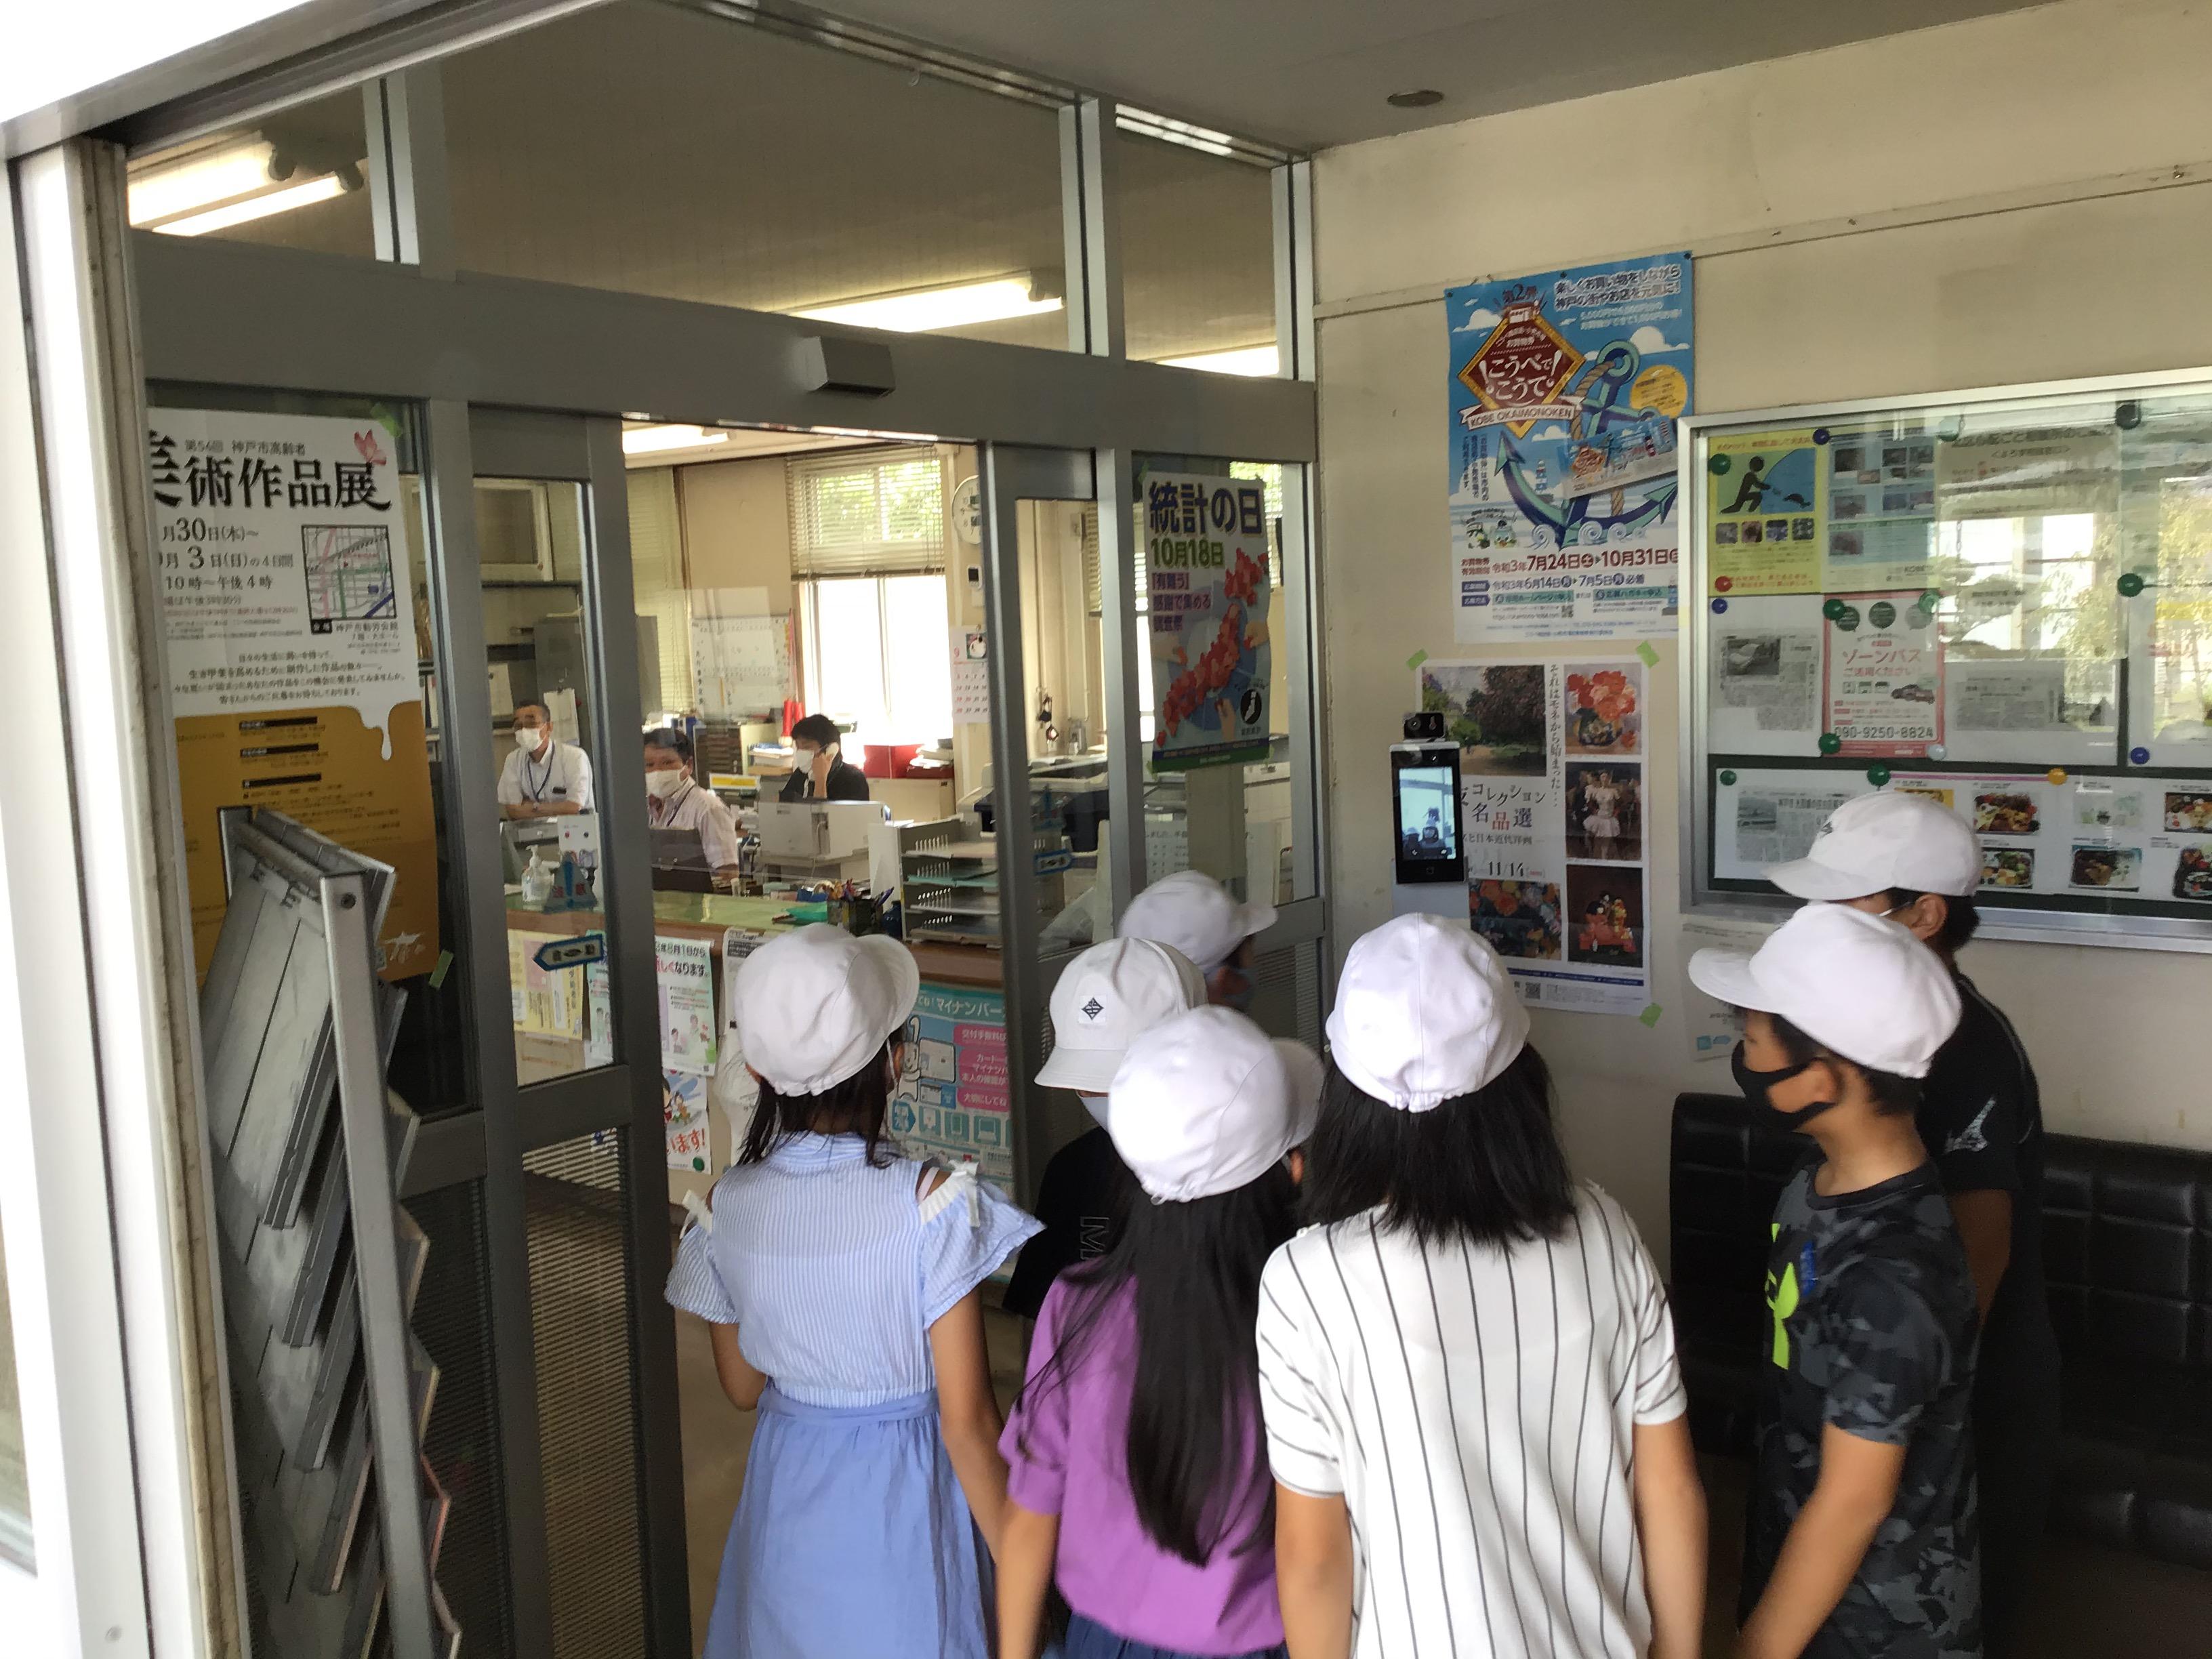 神戸市北区区役所北神支所淡河連絡所の市民トイレをお借りしてます。検温ですが、職場を覗いてるみたいですね。